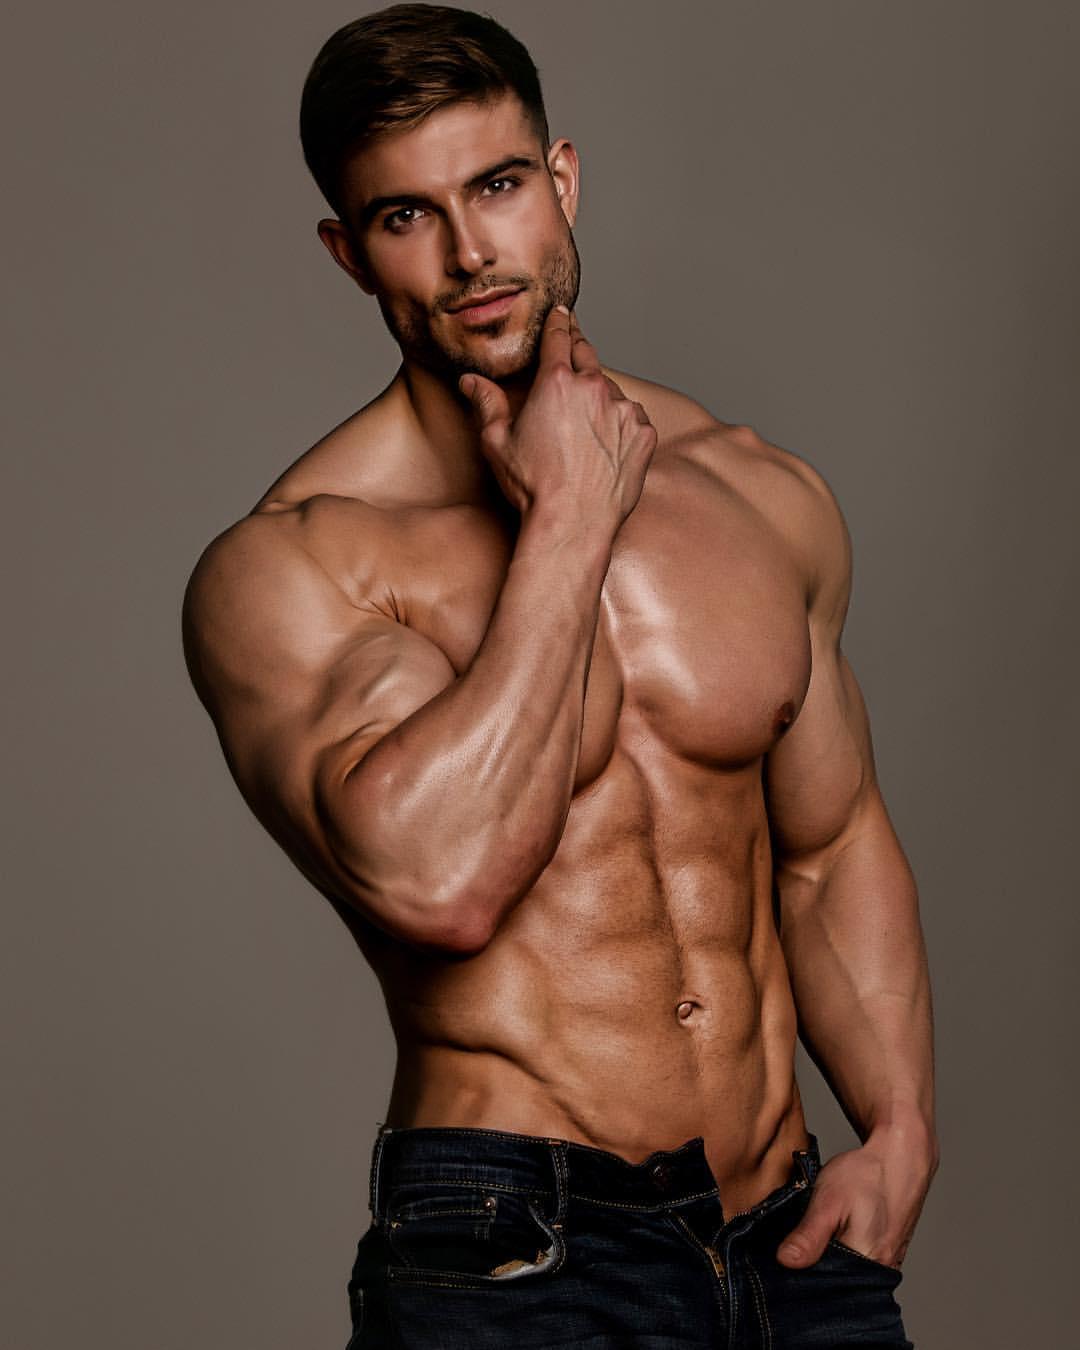 Abraham Mateo Porno Gay shirtless men on the blog: mario hervas shirtless